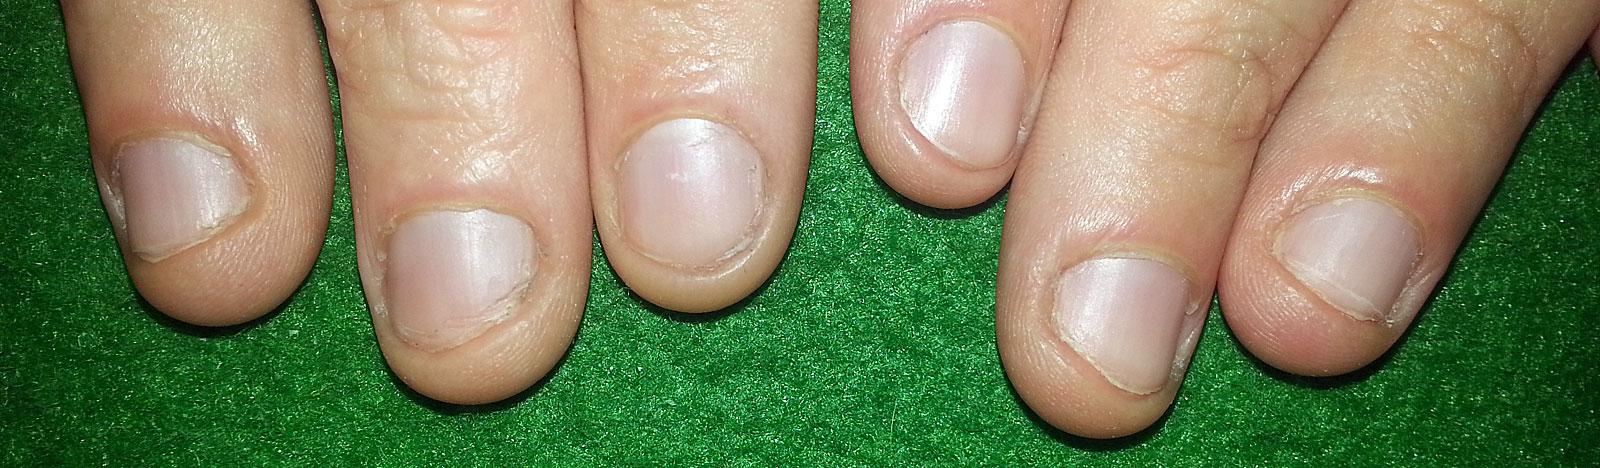 Je drei Fingernägel einer Hand auf grünem Untergrund